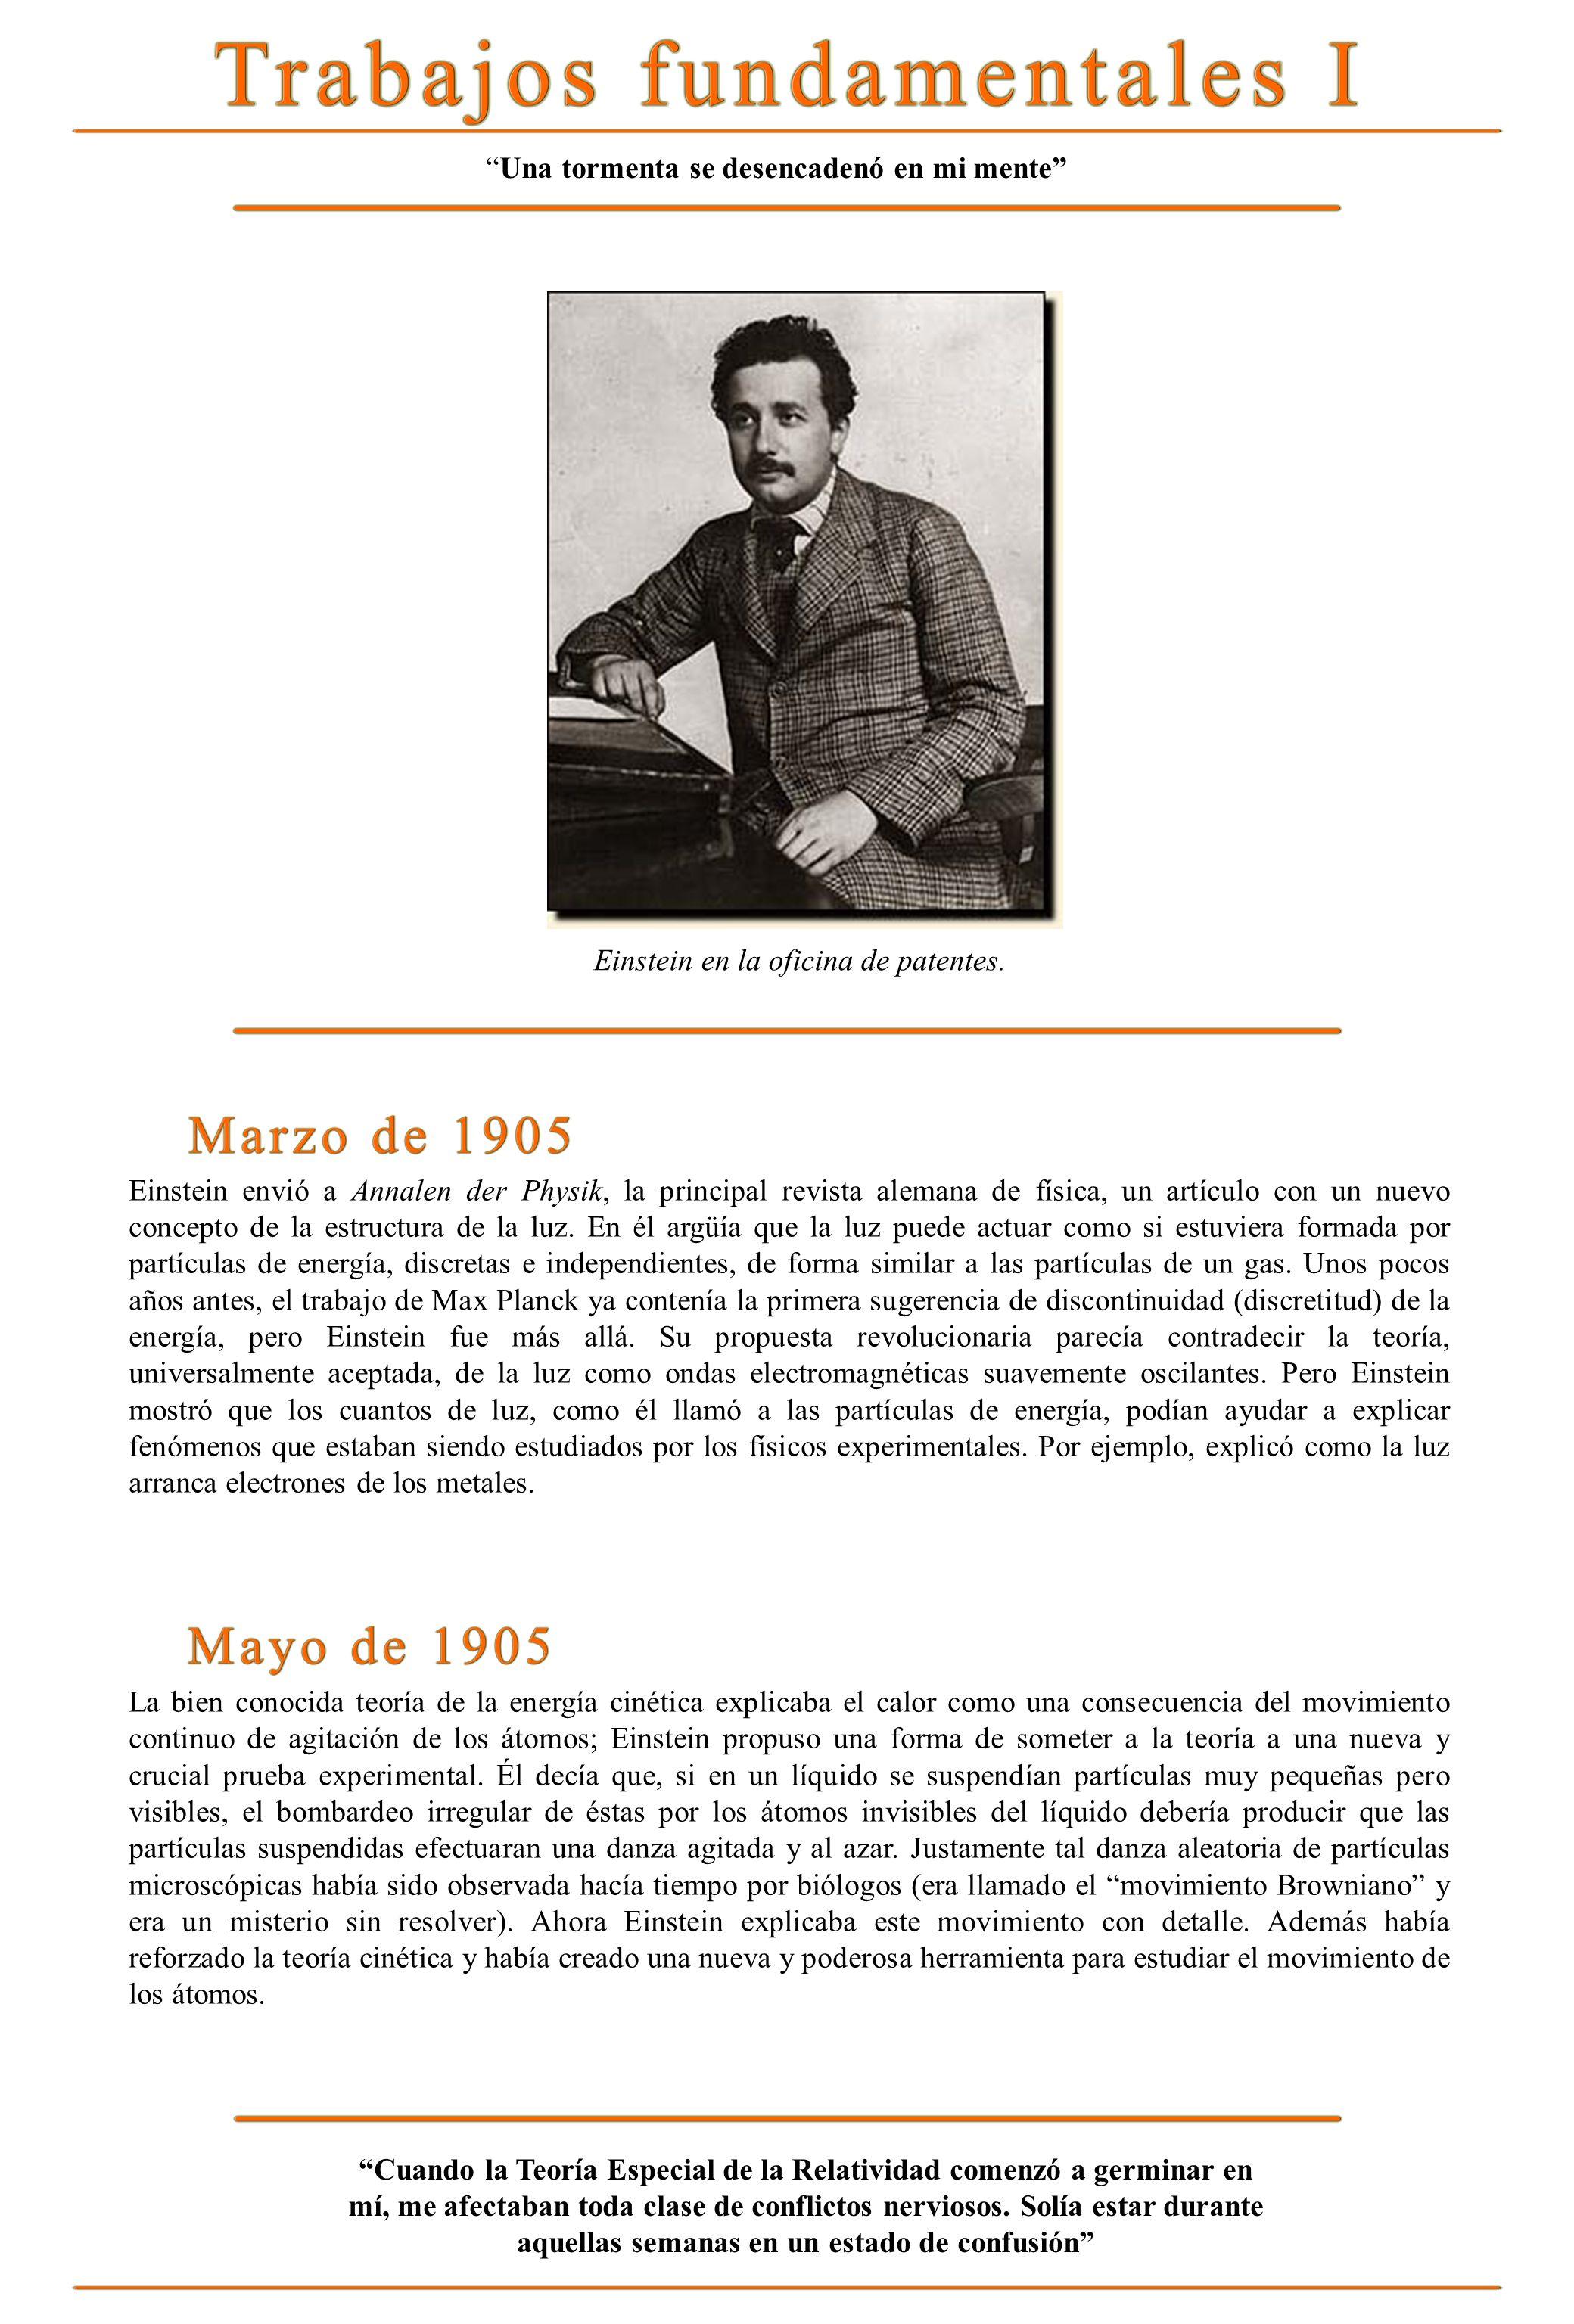 Creo en el Dios de Spinoza, que se nos revela por medio de la armonía de todo cuanto existe, no en un Dios que se preocupa del destino y las acciones de los seres humanos La teoría general de la relatividad, a diferencia de la teoría cuántica, no fue desarrollada rápidamente desde que Einstein estableció su contenido.